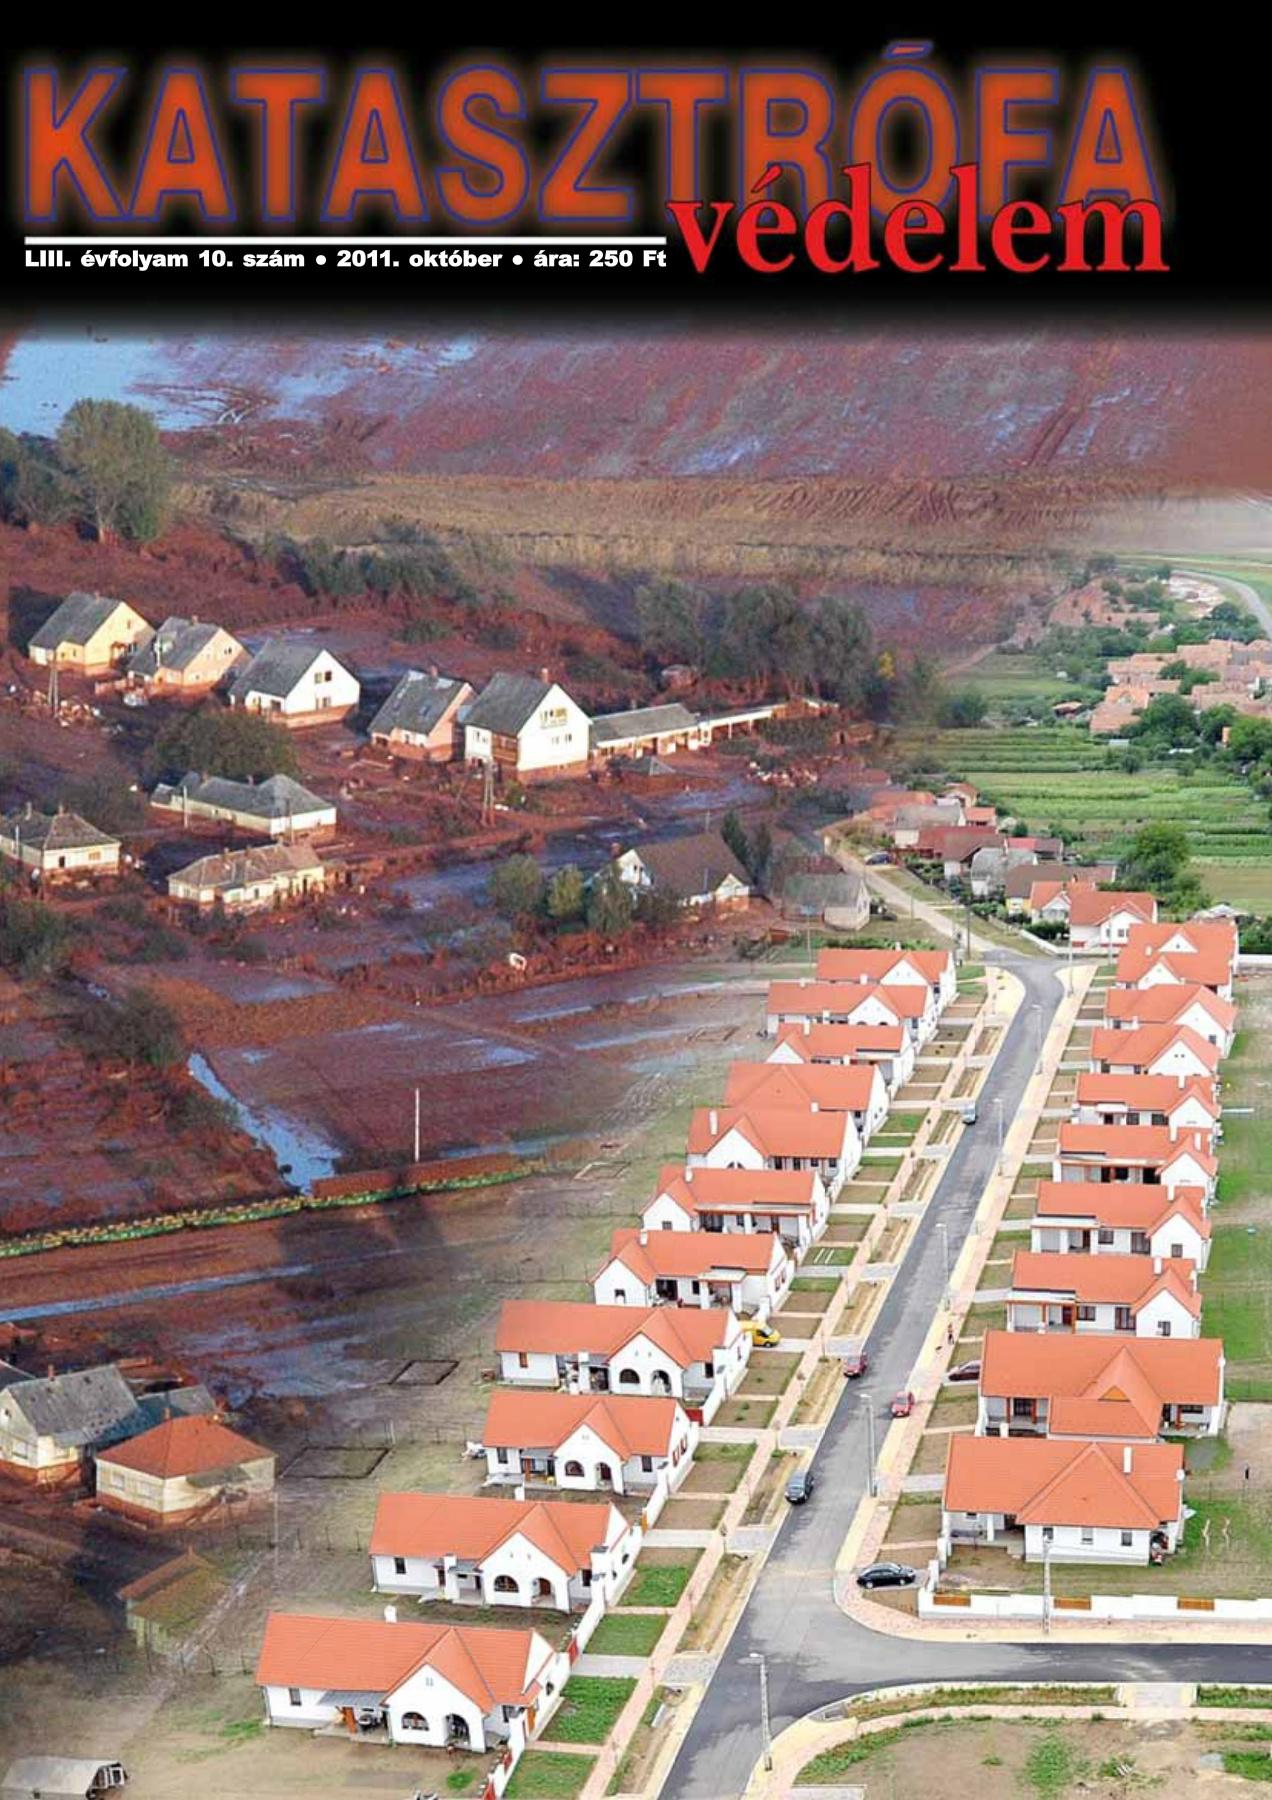 A Katasztrófavédelem magazin LIII. évfolyam 10. szám megtekintése